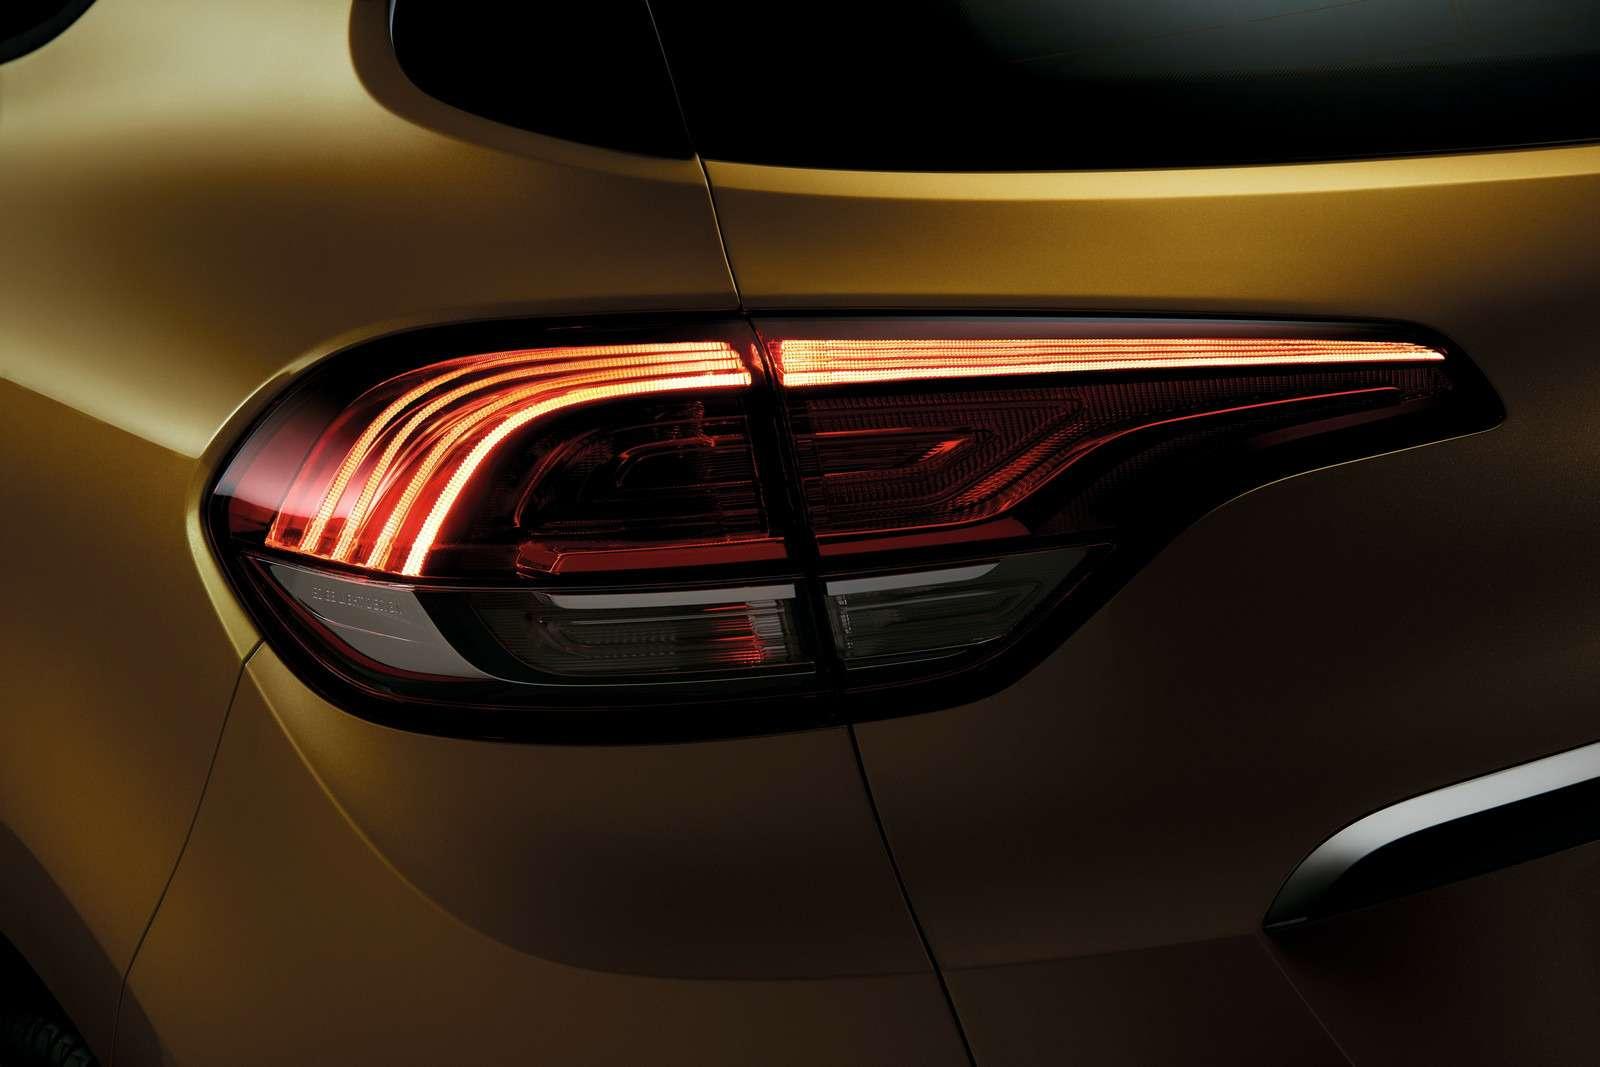 Renault_75990_global_en